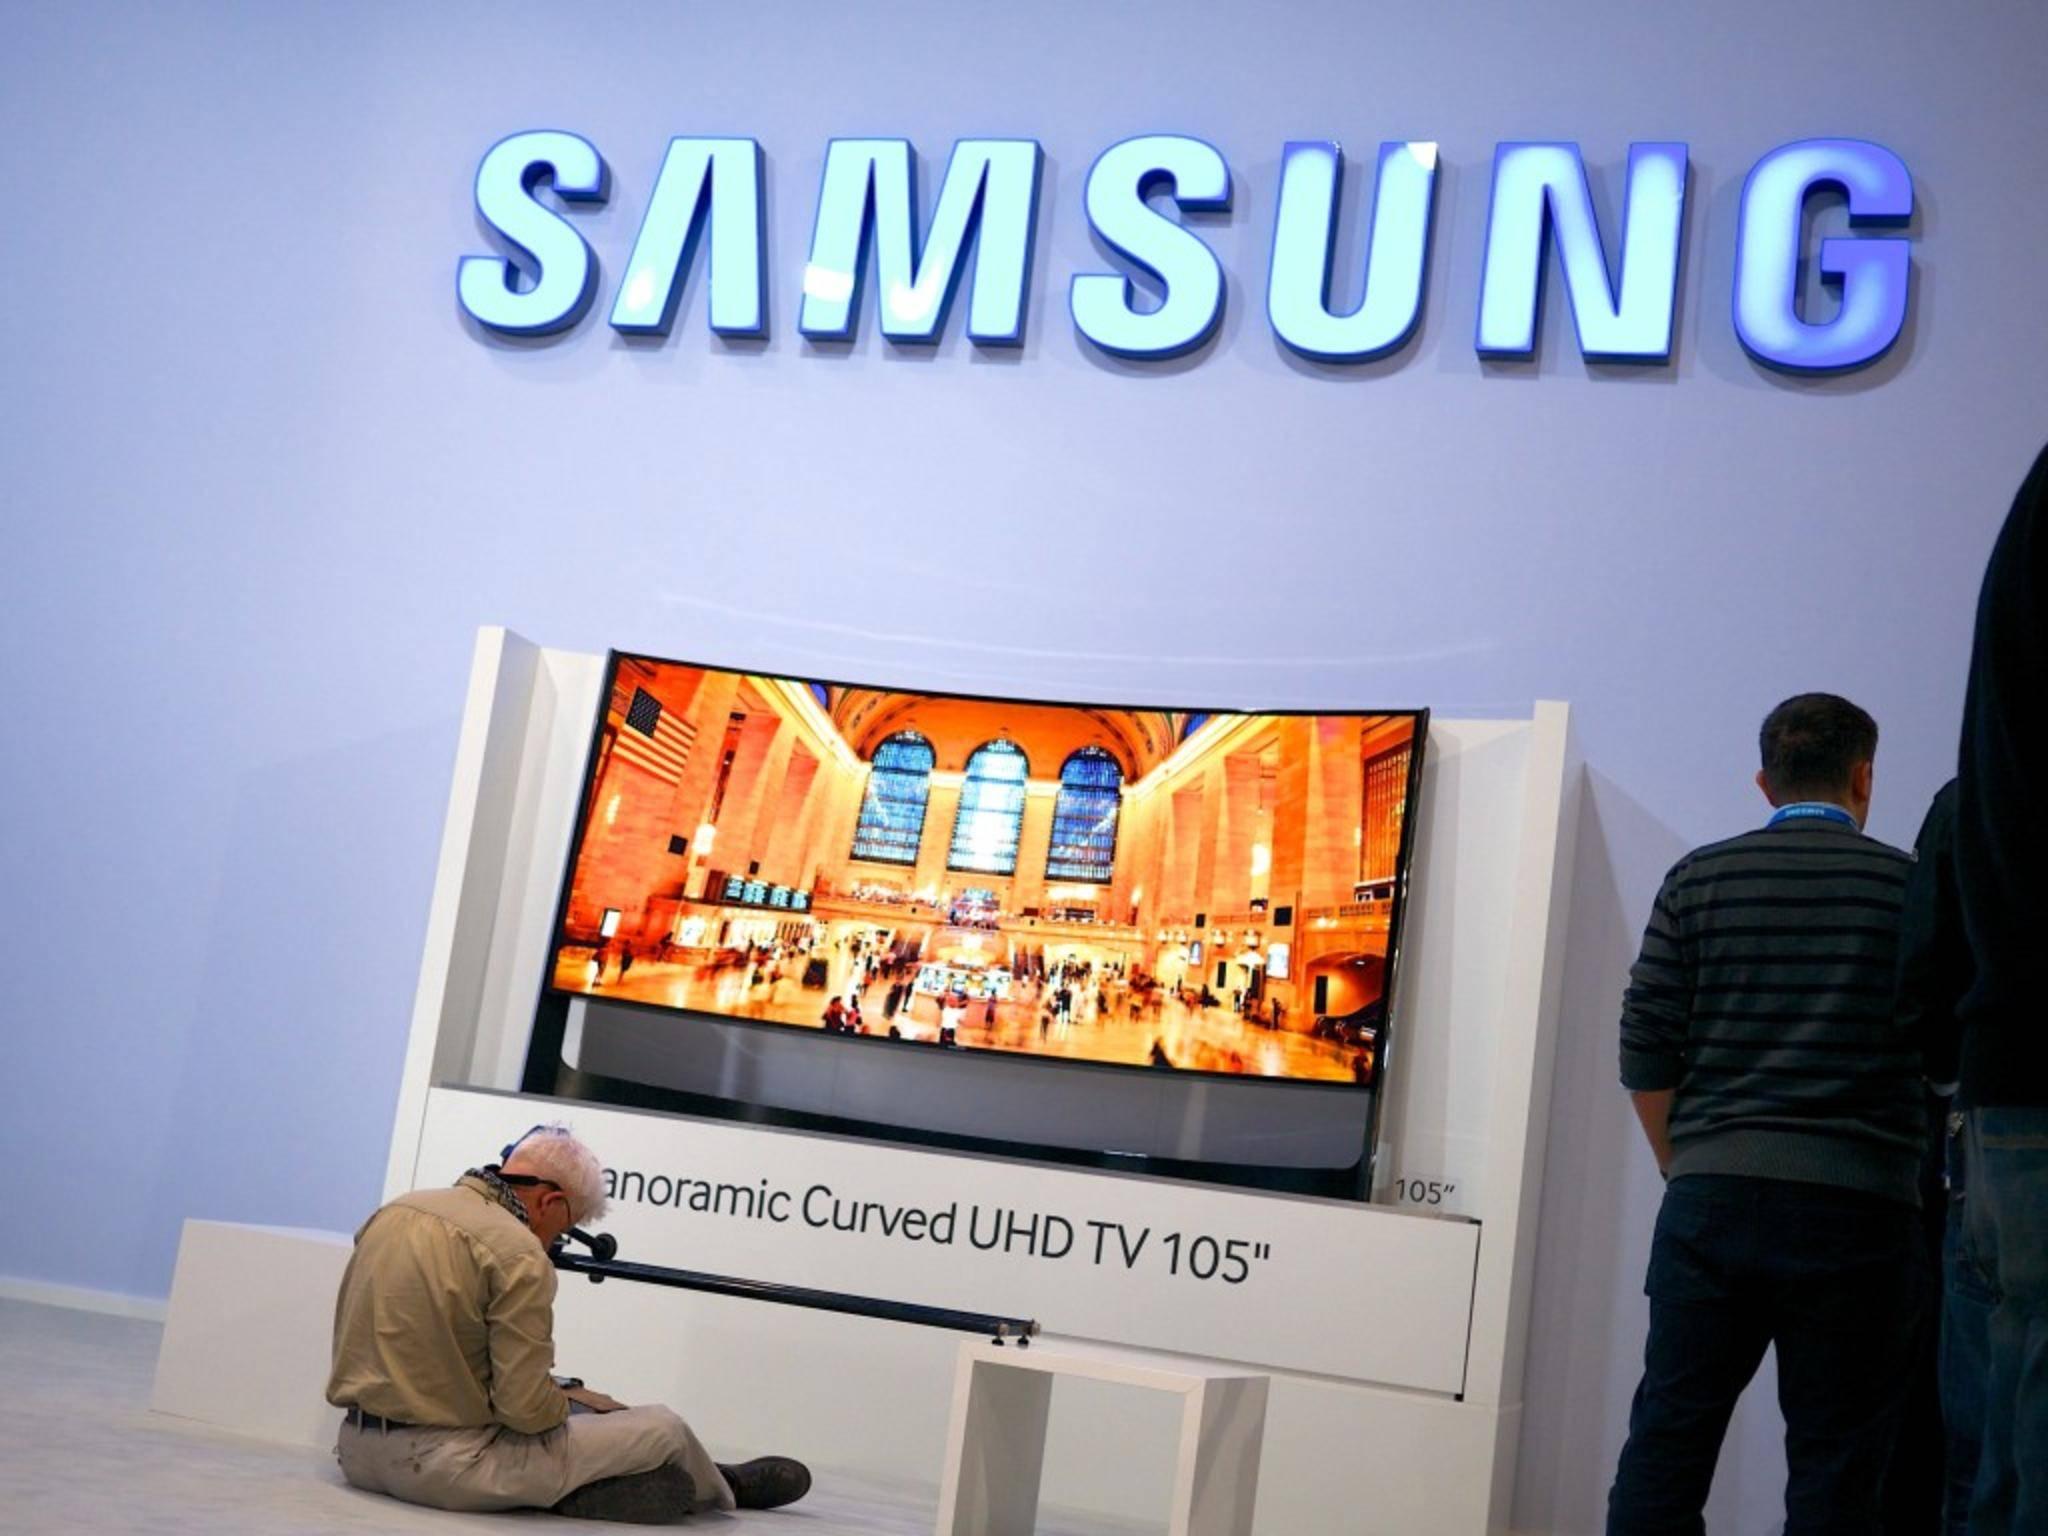 Erst Warnungen vor Lauschangriffen, jetzt Update-Probleme: Samsungs Smart TVs stehen derzeit nicht so gut dar.